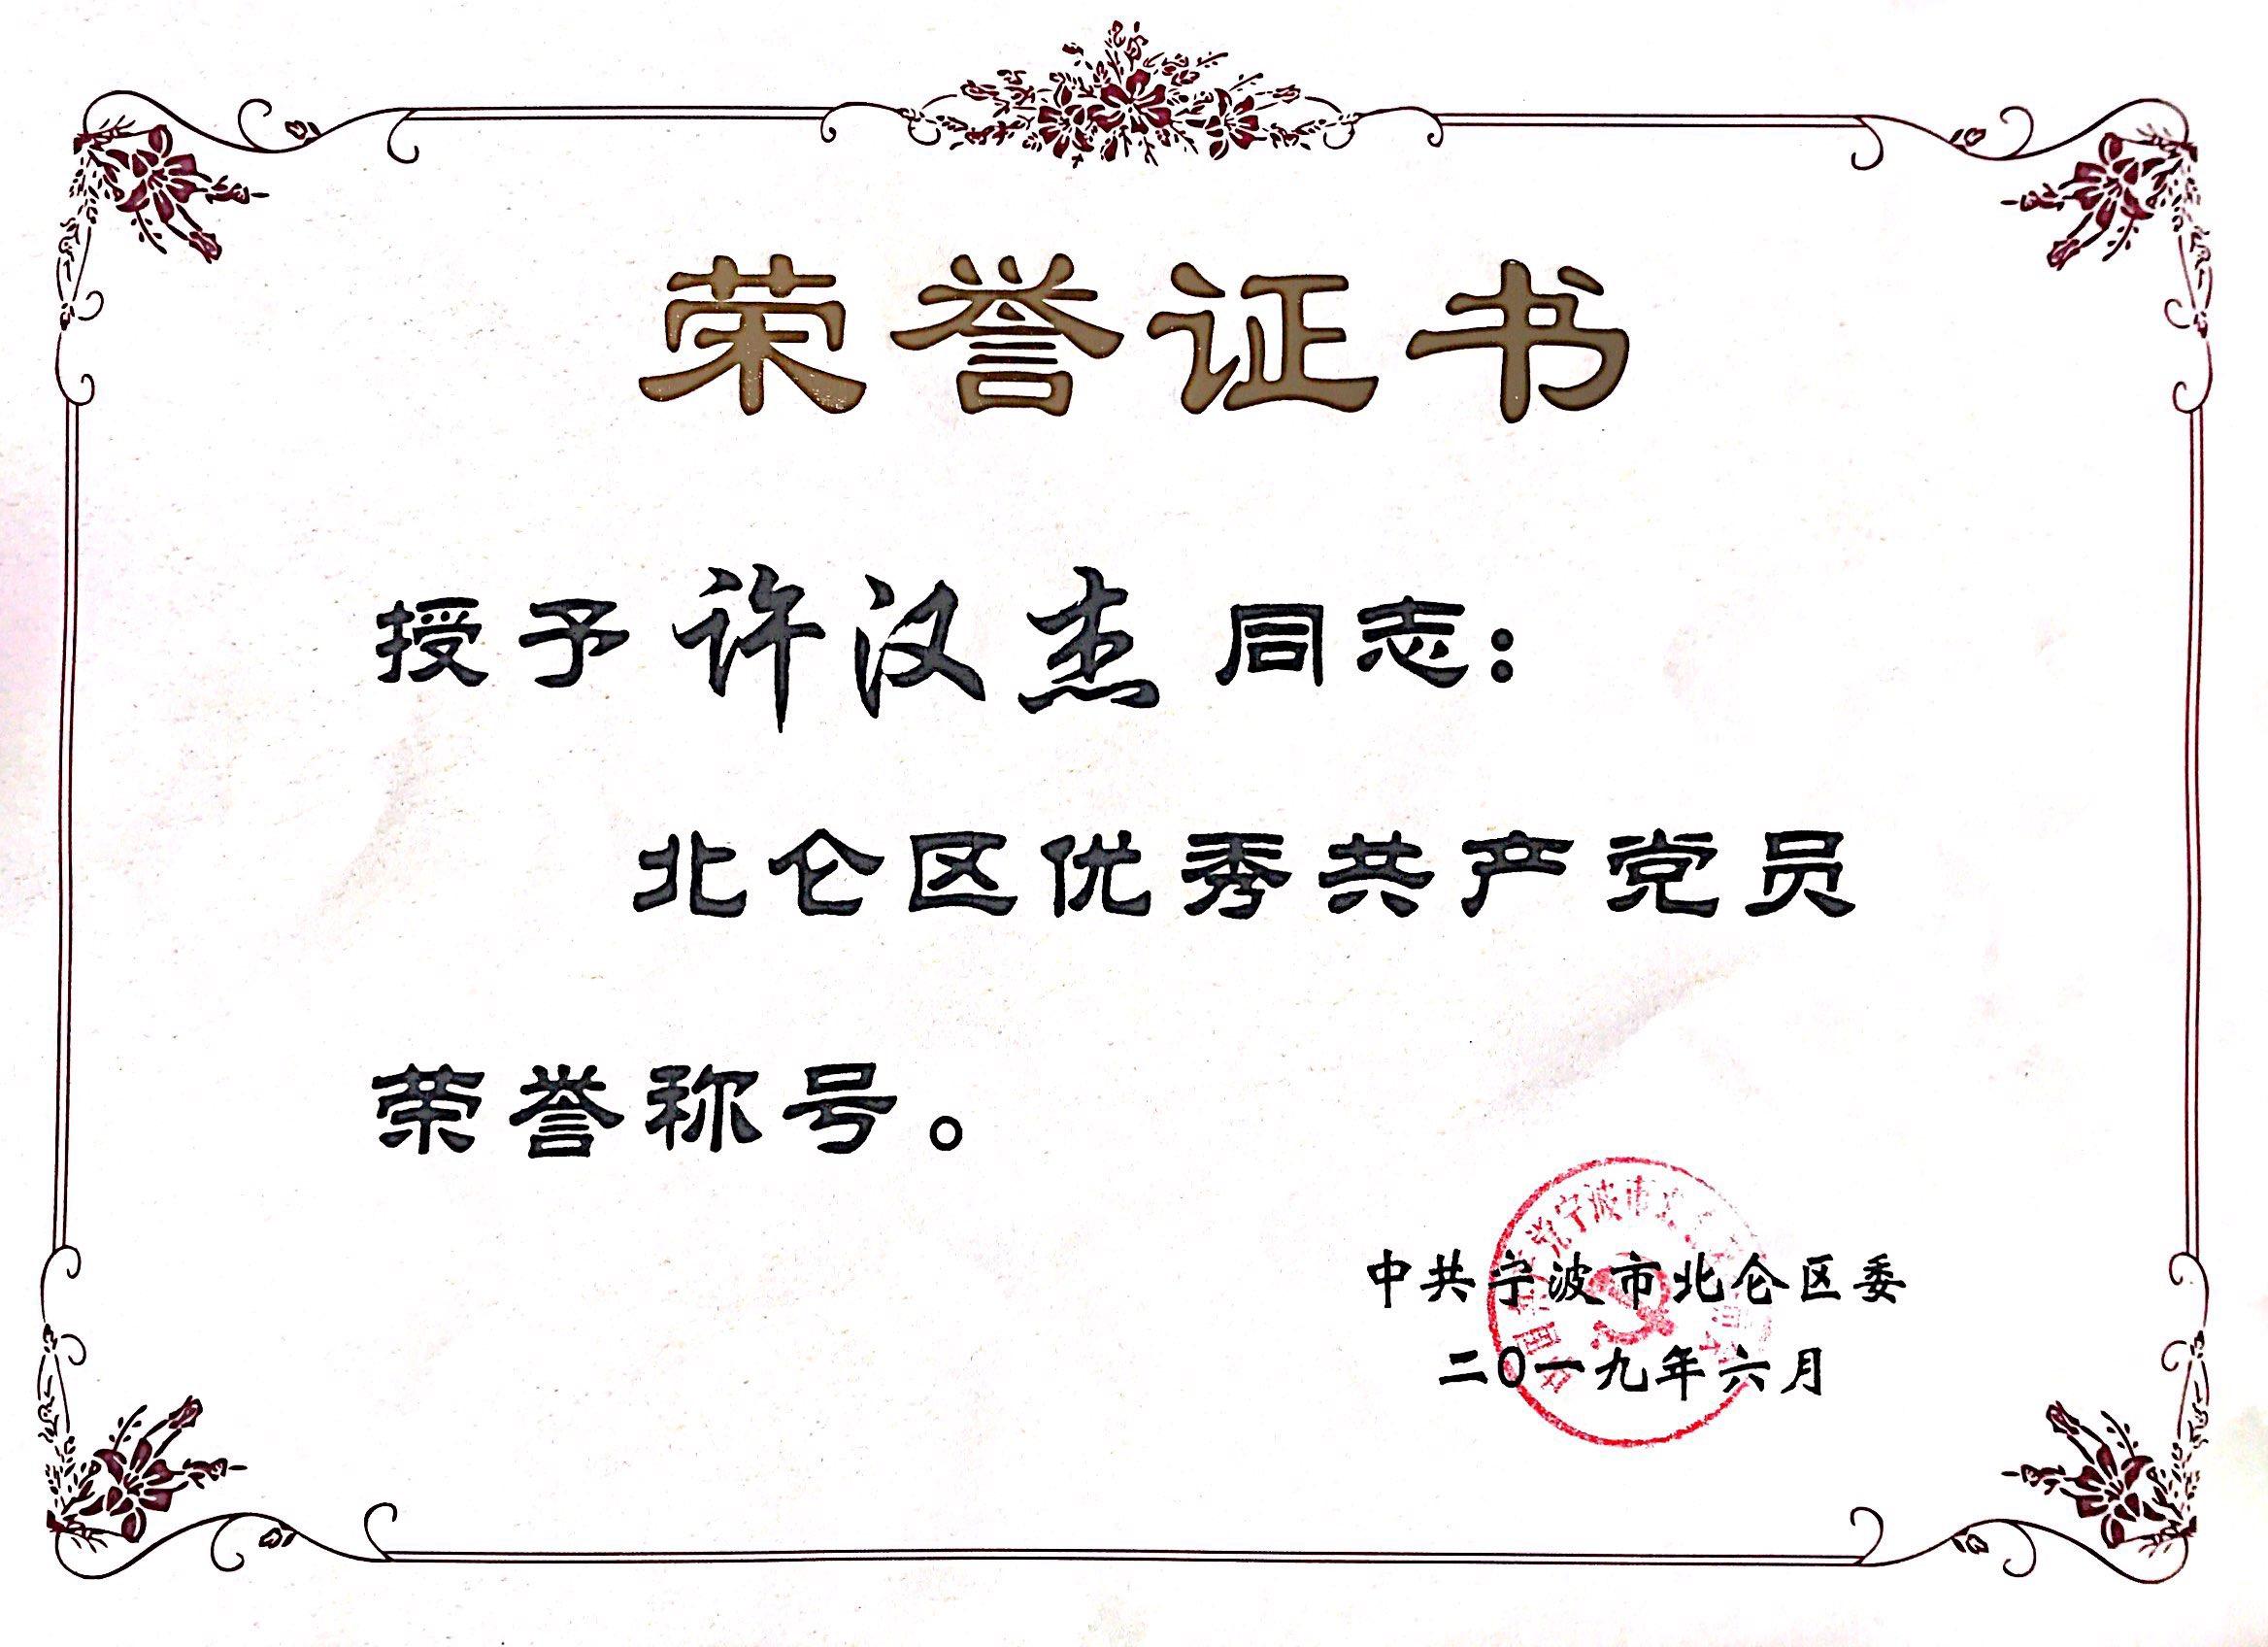 我司副总经理被评为北仑区优秀共产党员